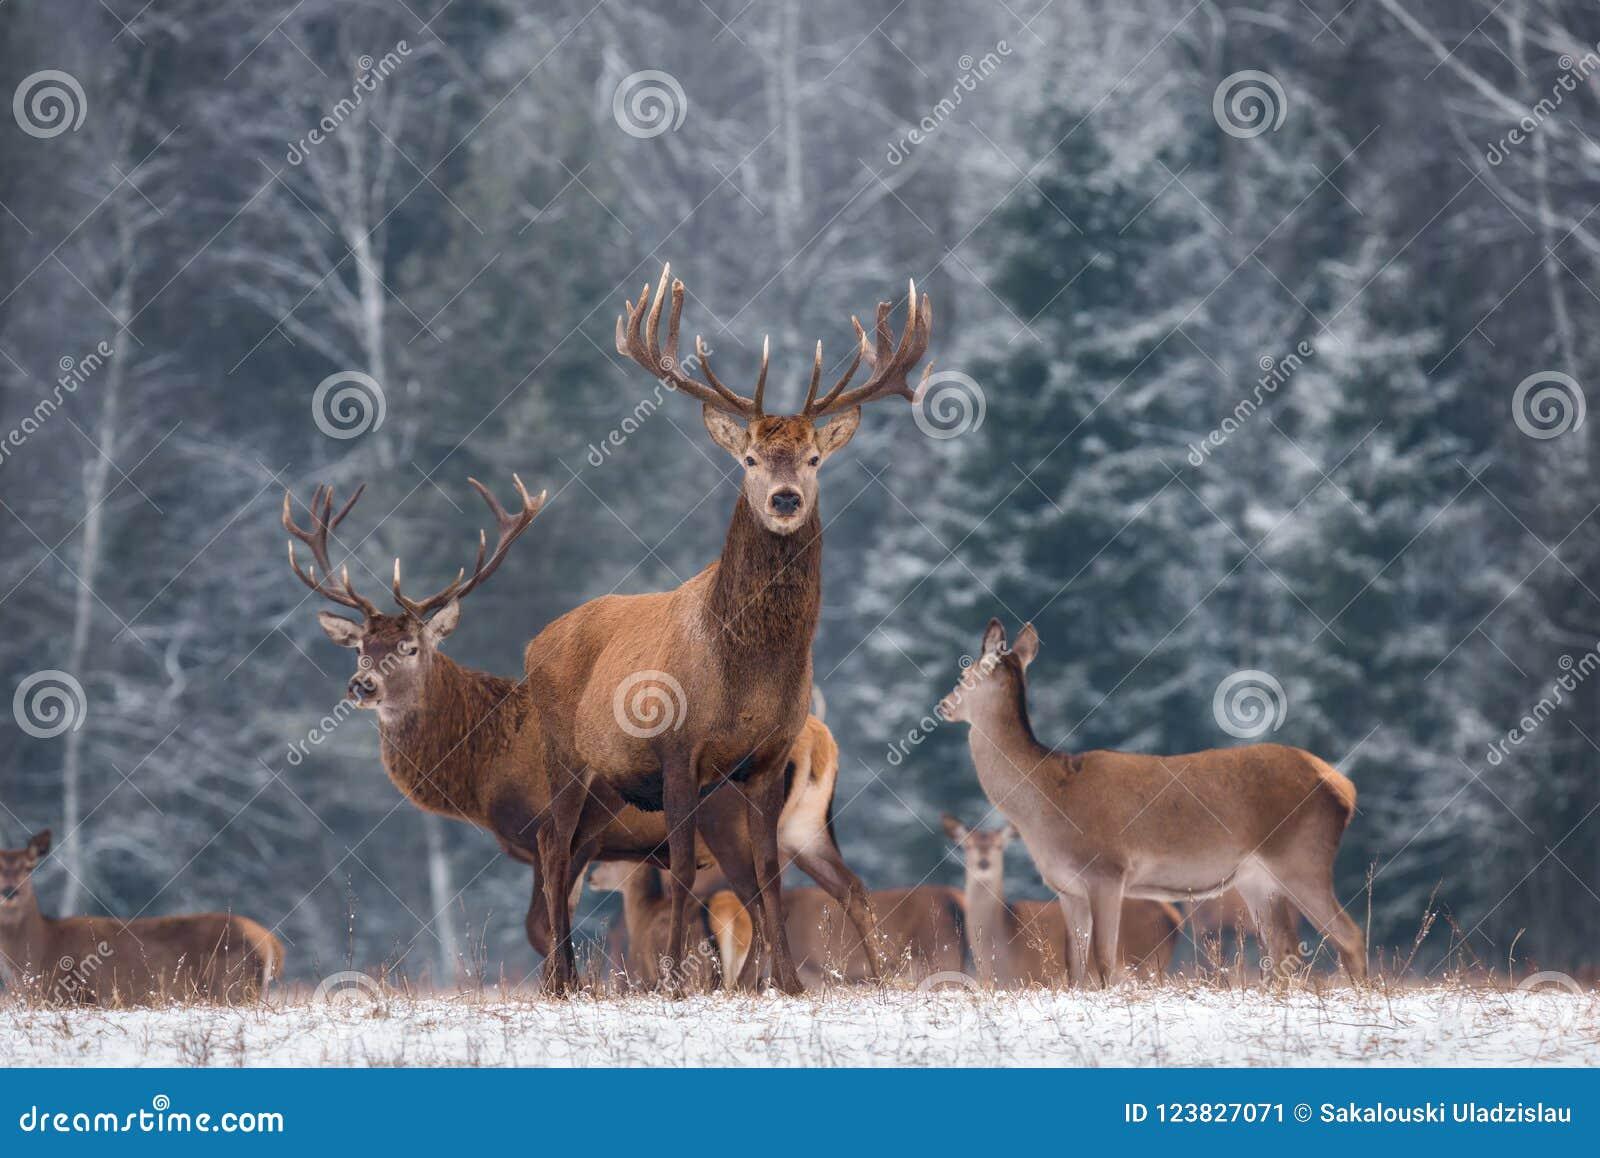 Dorosły Jeleni jeleń Z Dużymi rogami W Pięknej pozie Na krawędzi zimy samiec Lasowego Wielkiego Jeleniego Cervidae